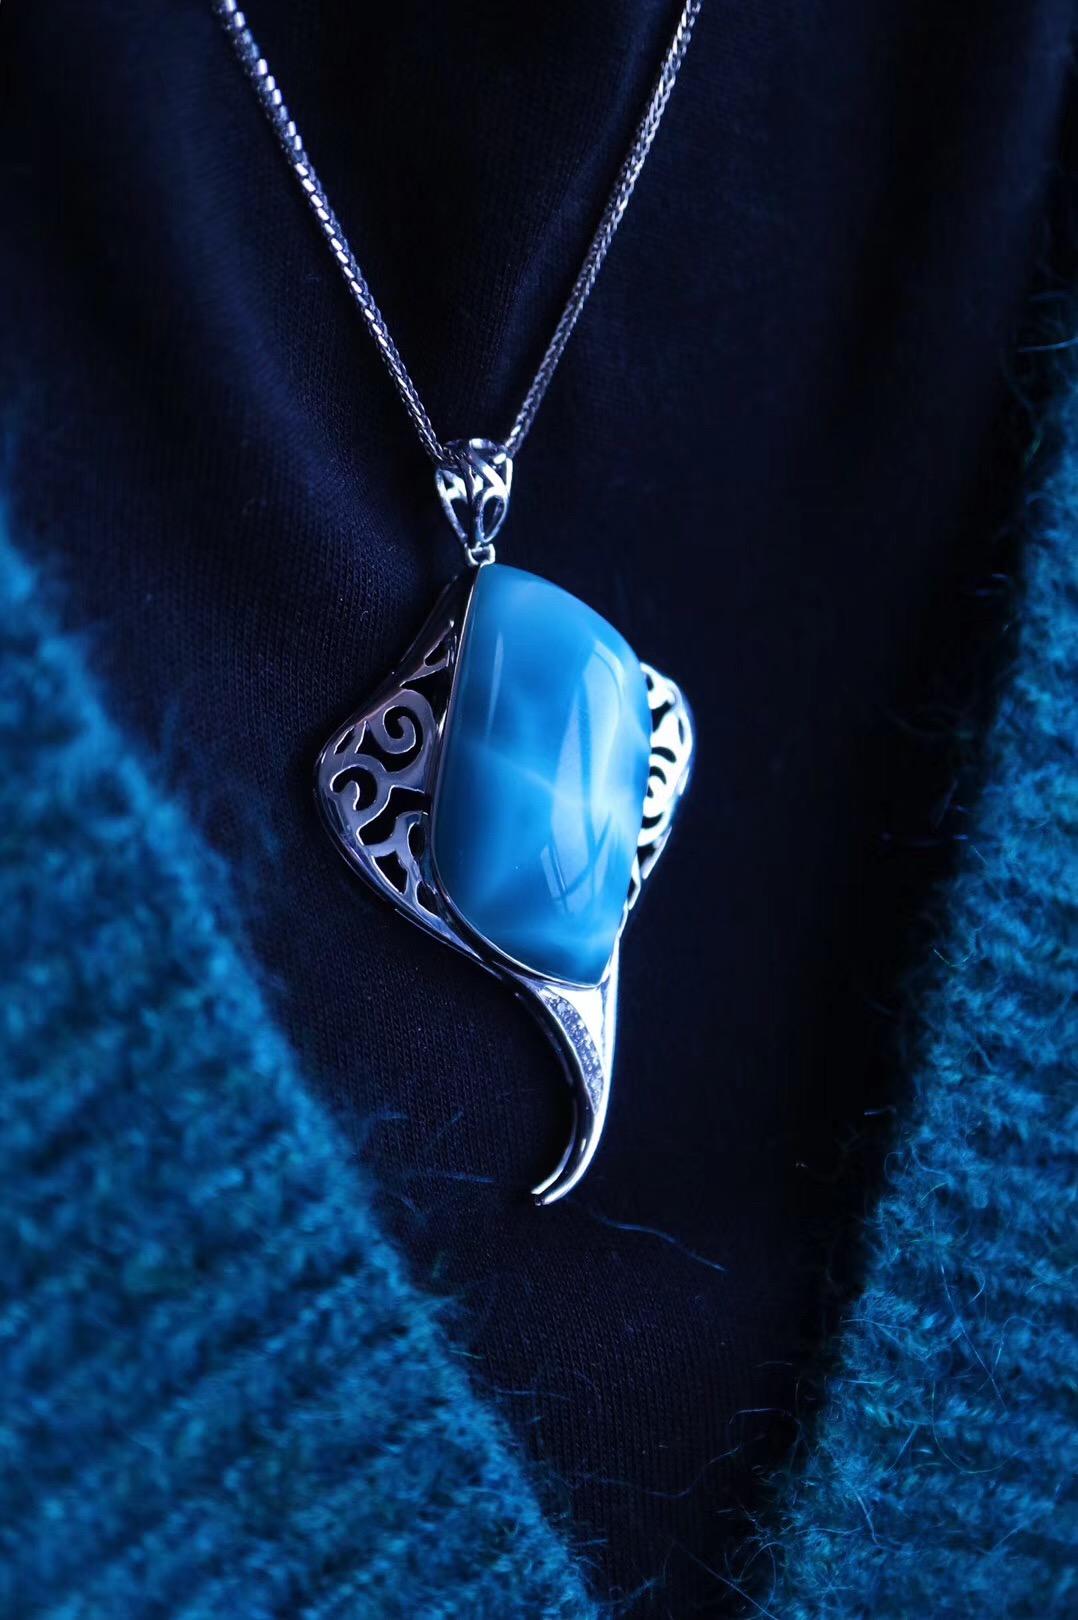 一枚灵性极高的海纹石,与君初相识,犹如故人归。 【菩心·海纹石(白金)】-菩心晶舍